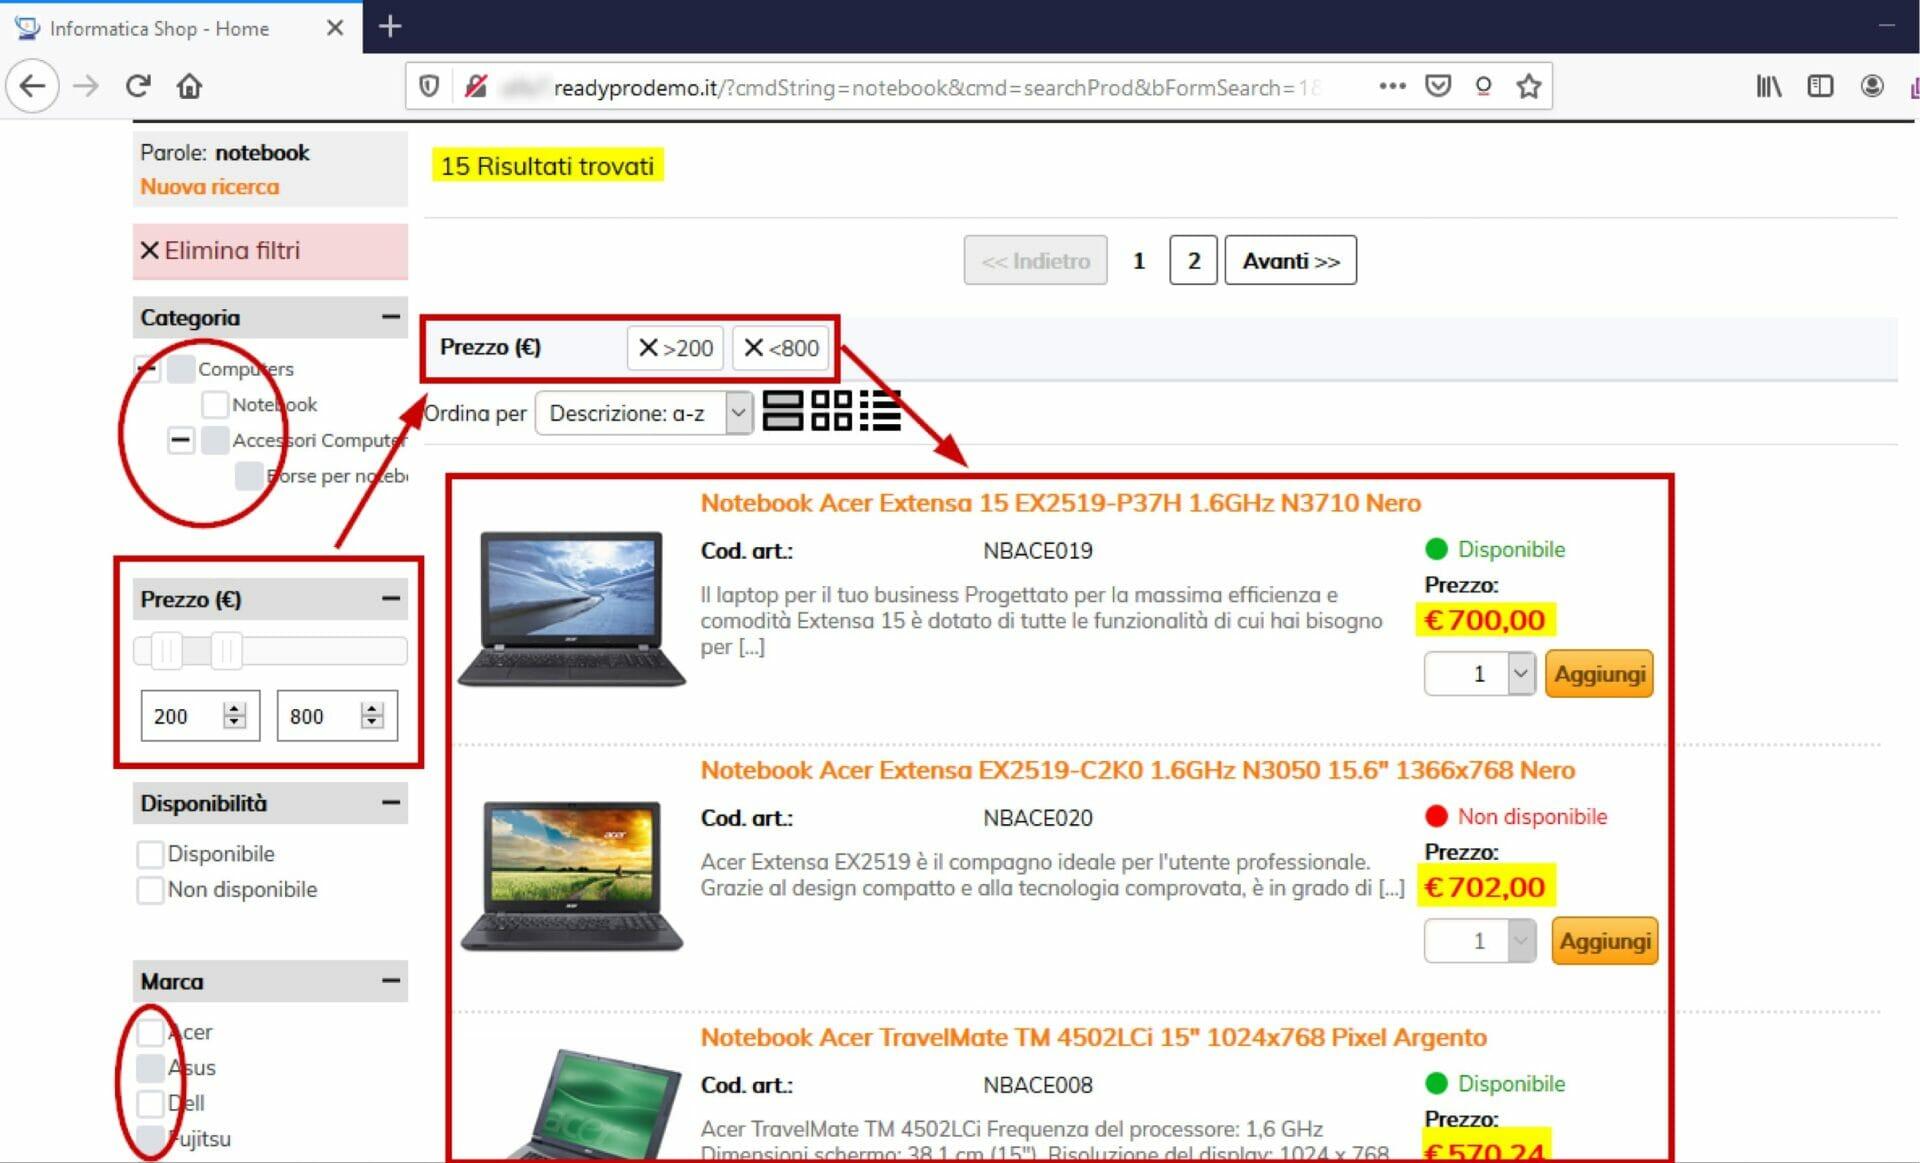 esempio di filtri di prodotti nell'e-commerce